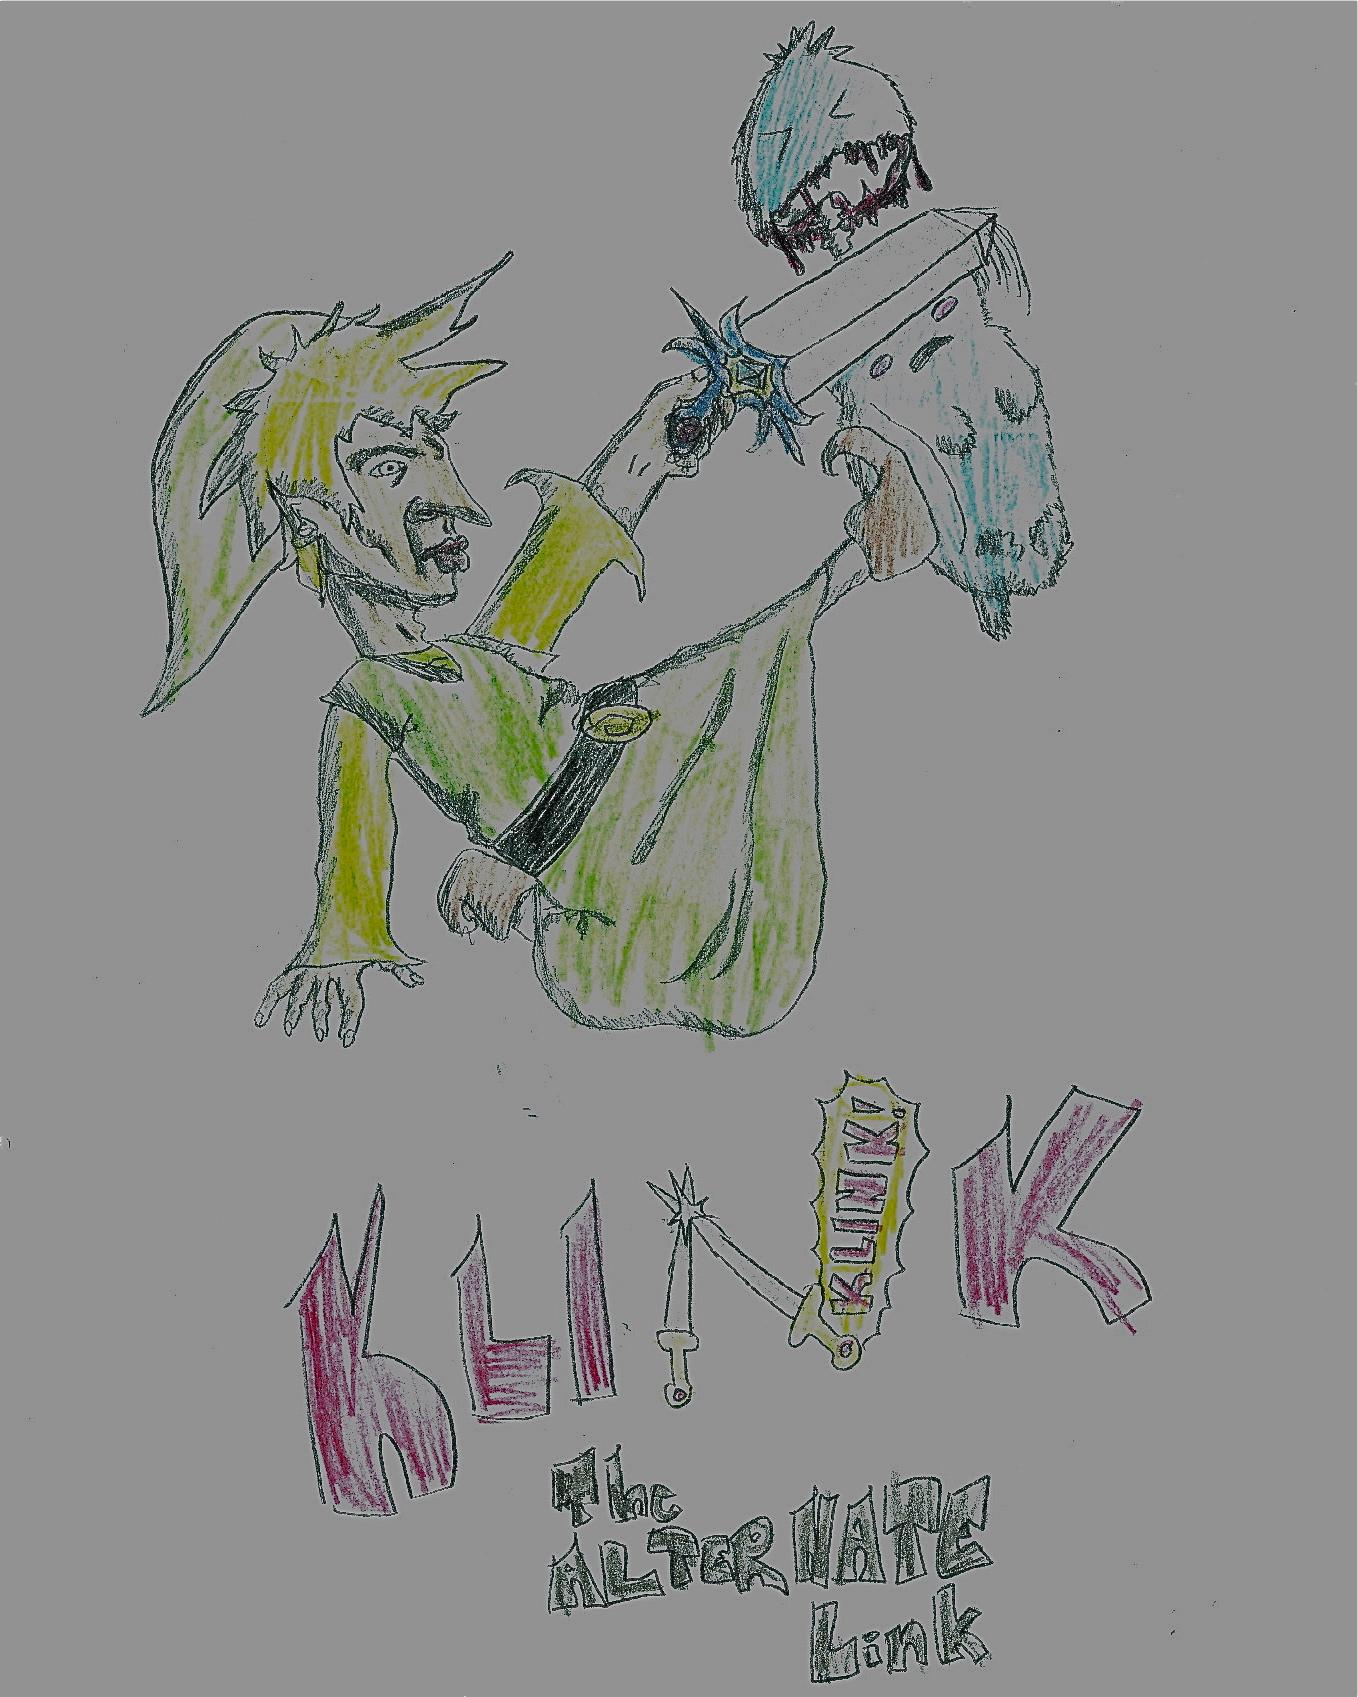 Klink: The Alternate Link